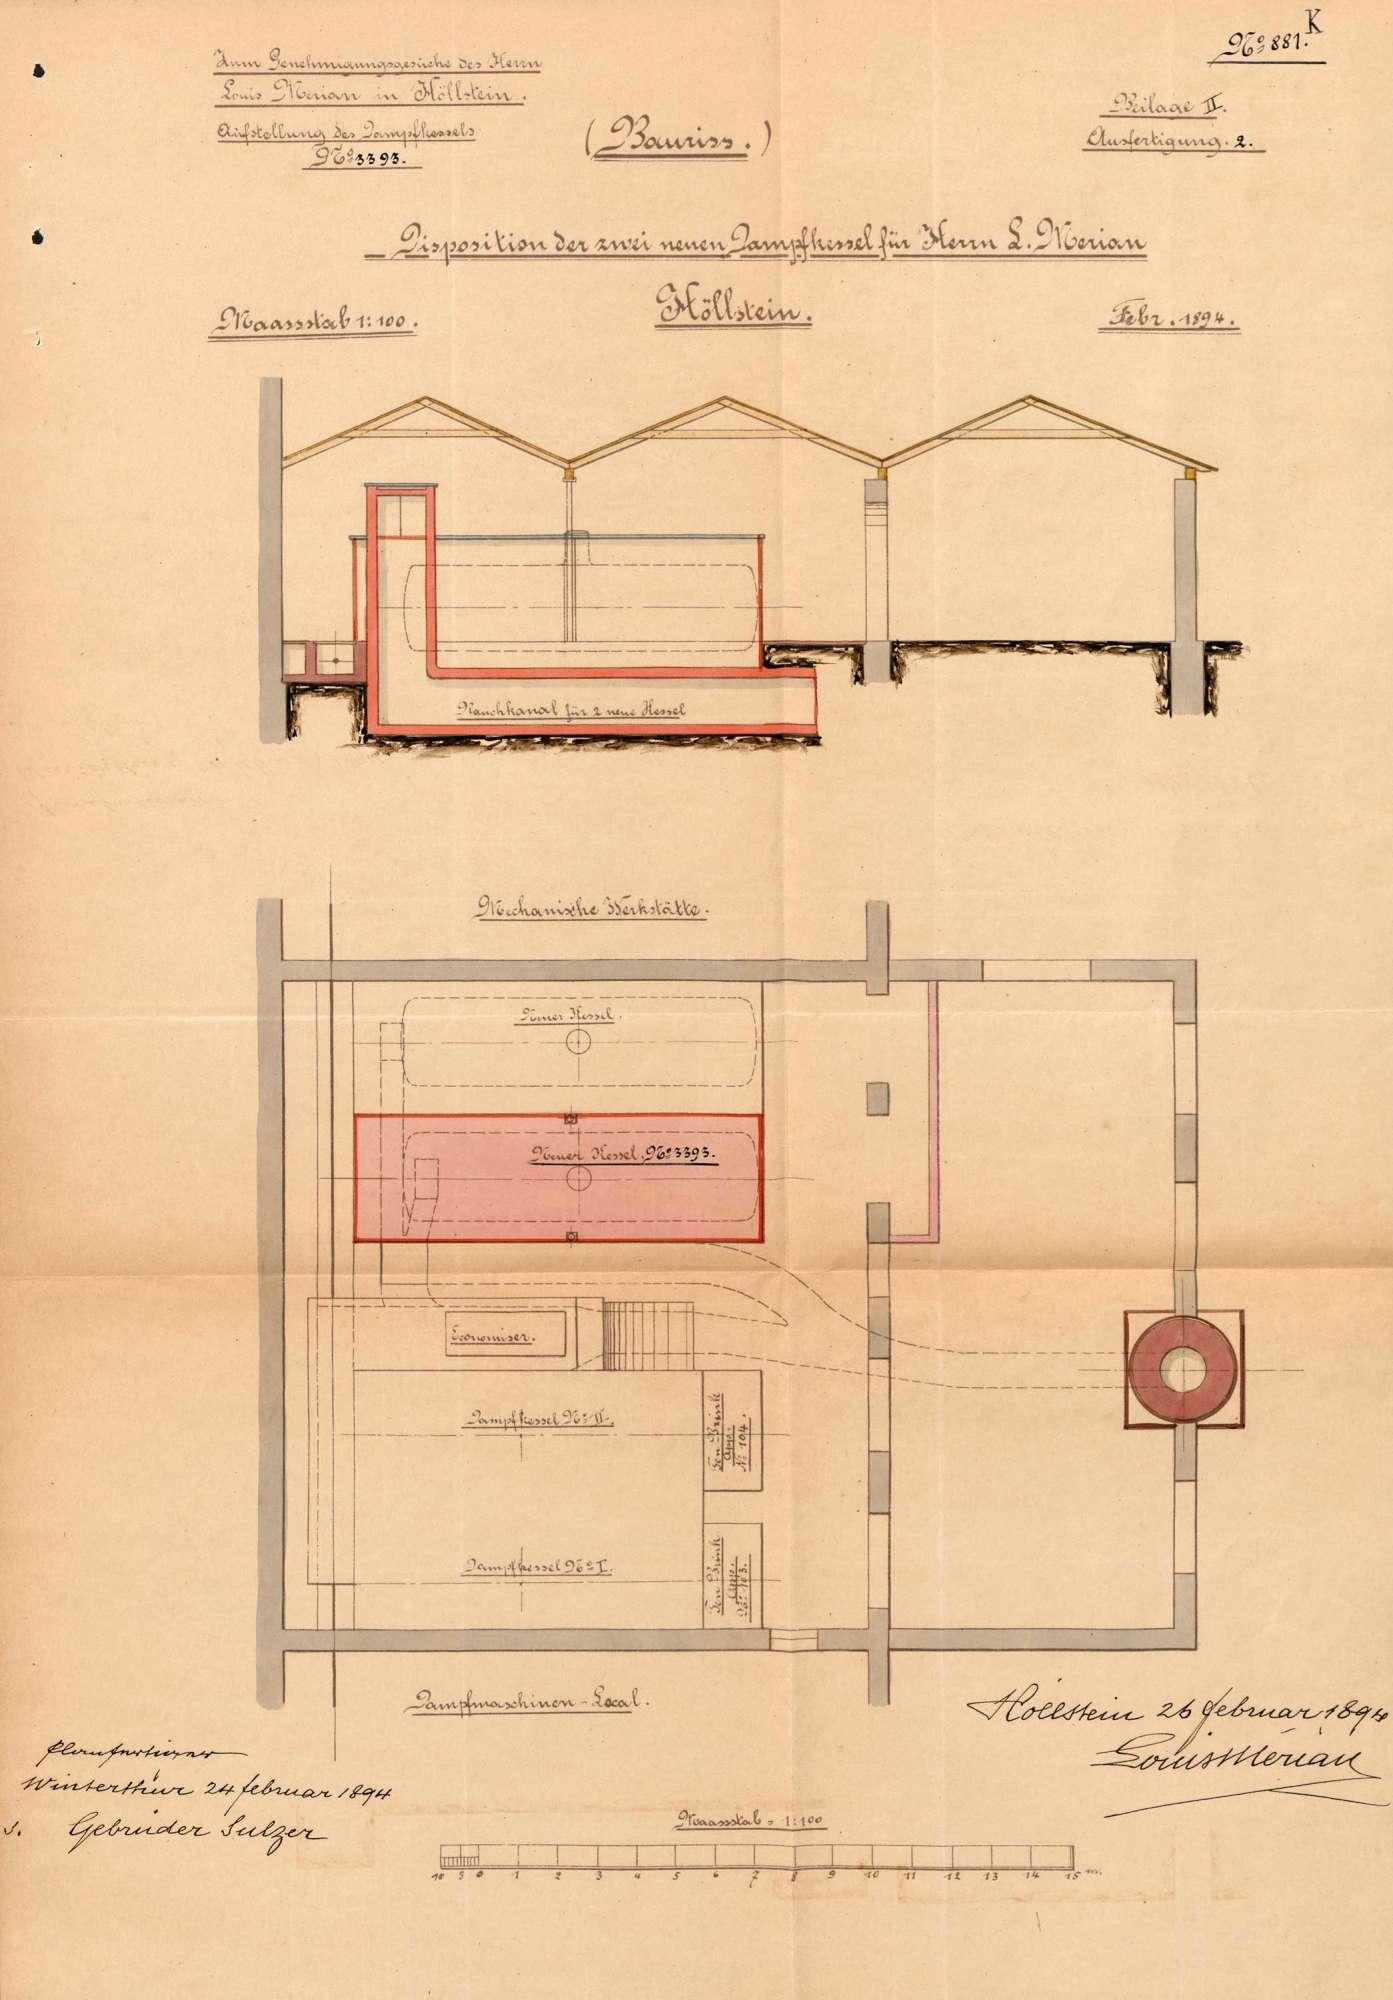 Gesuch der Fa. Louis Merian in Höllstein um Erlaubnis zur Anlegung zweier Dampfkessel, Bild 2